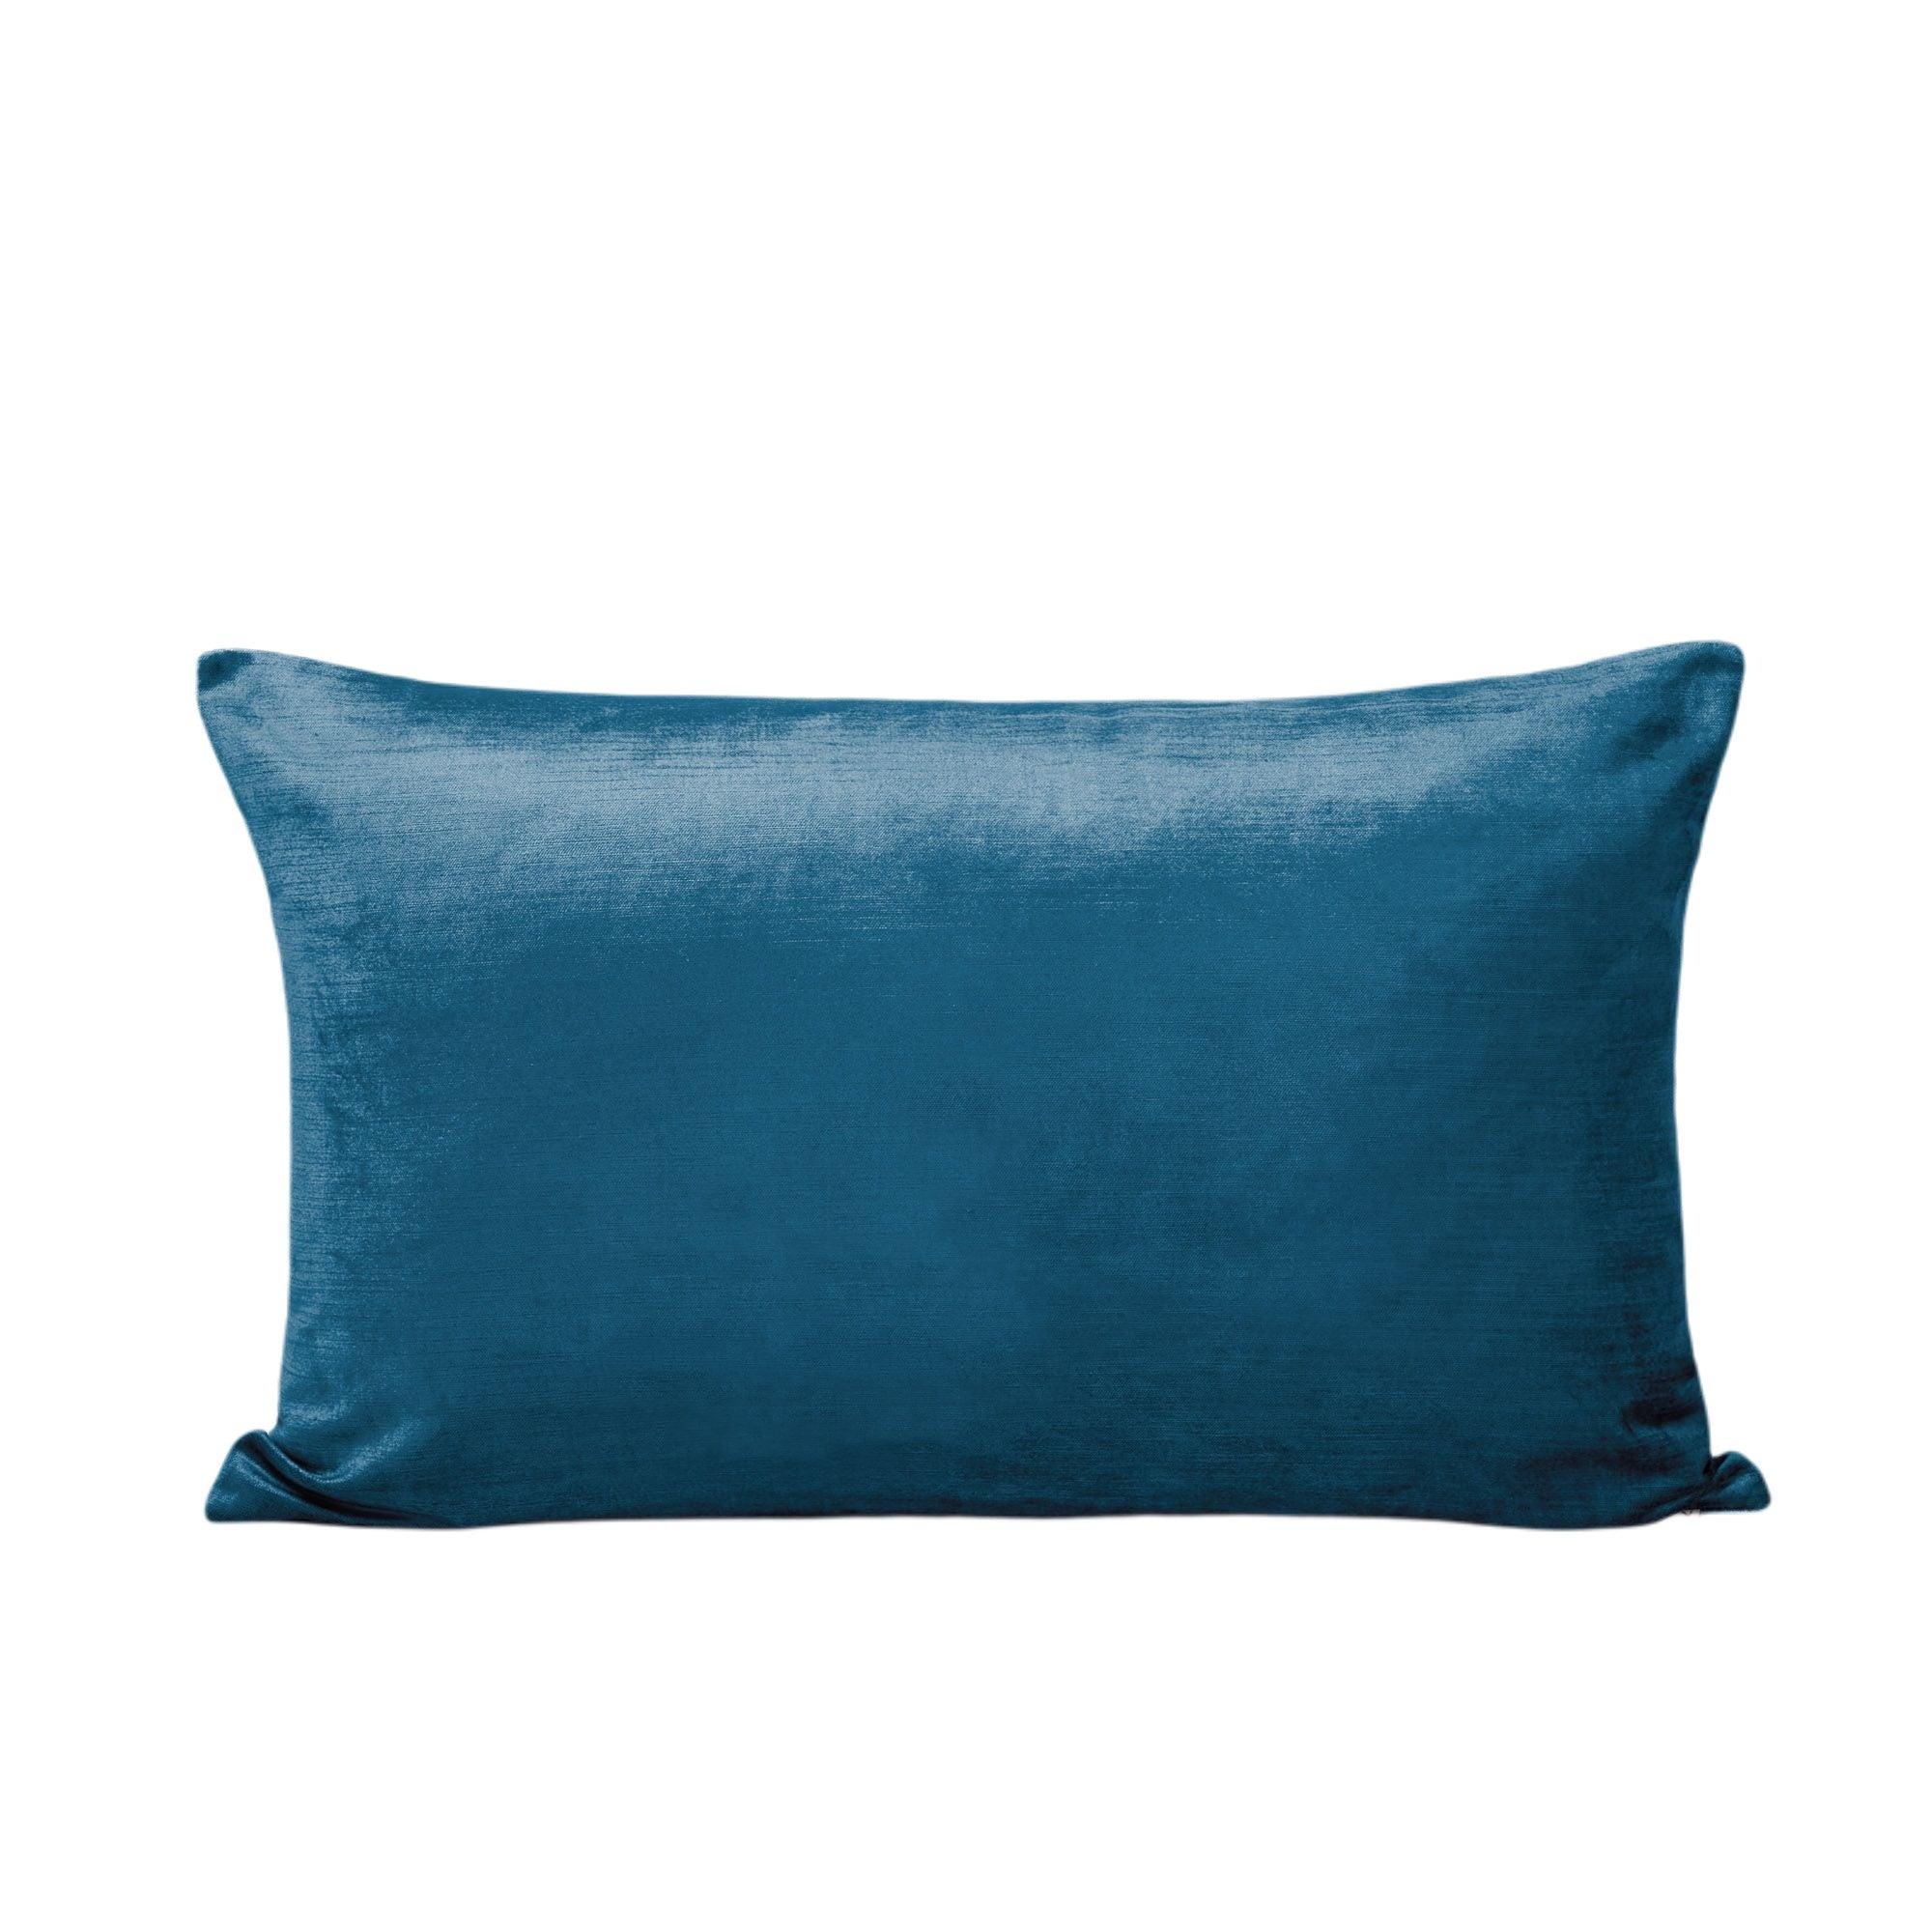 Housse de coussin 40x60 cm Bleu vert et taupe